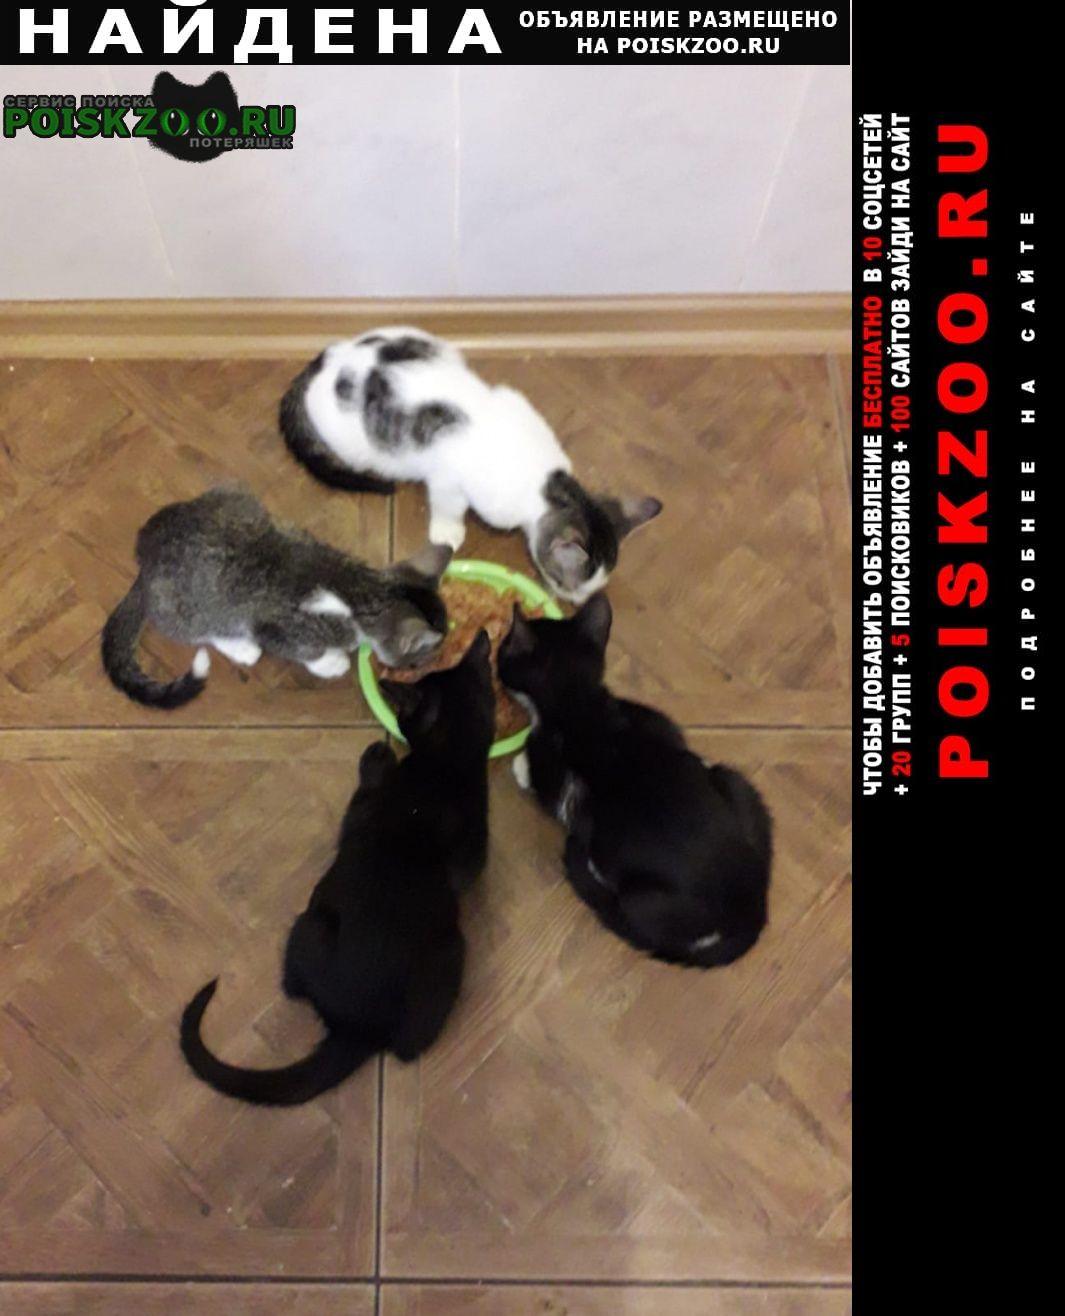 Найдена кошка котята Краснодар